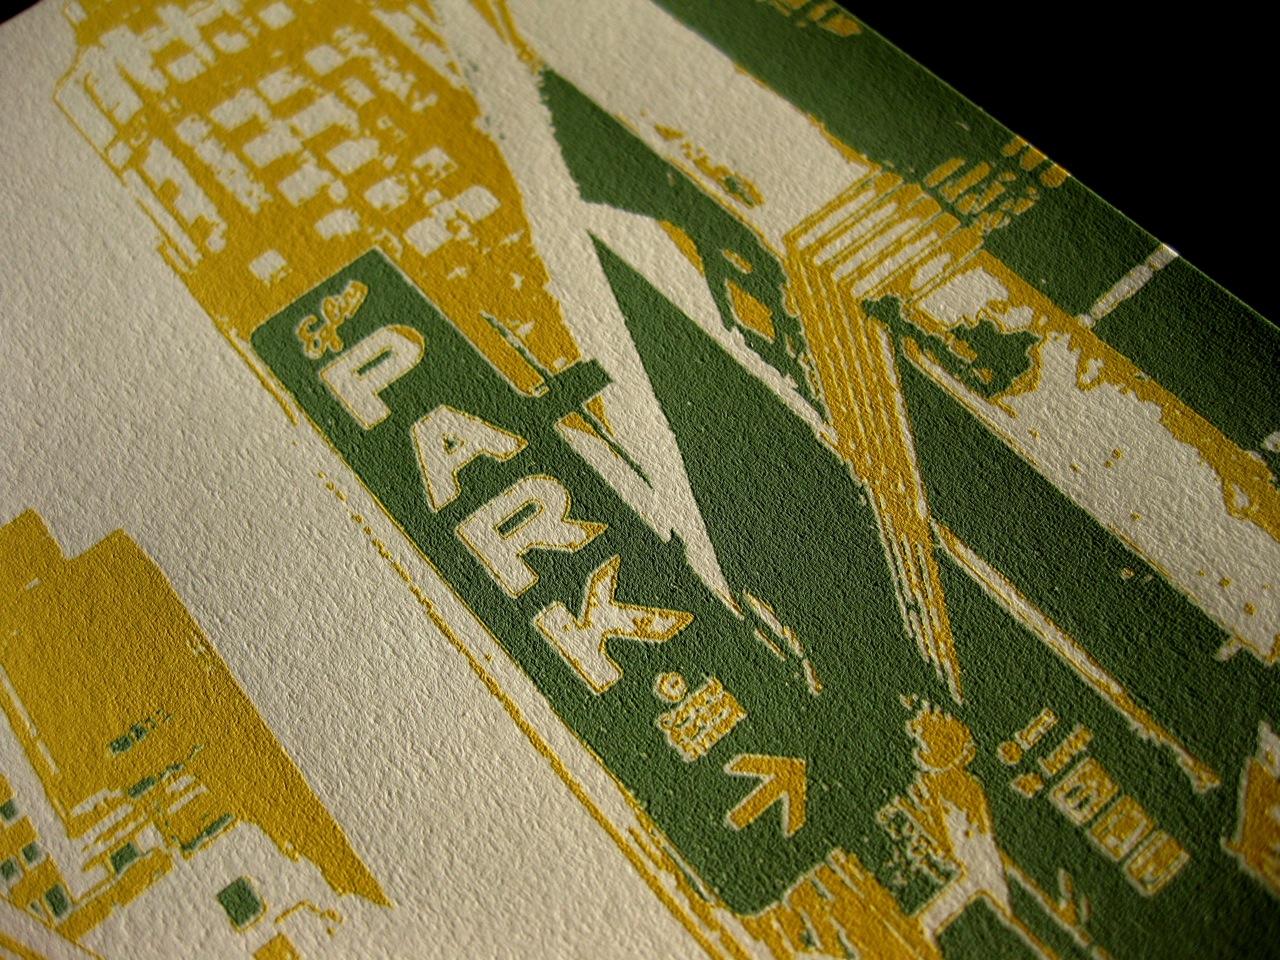 silkscreen detail